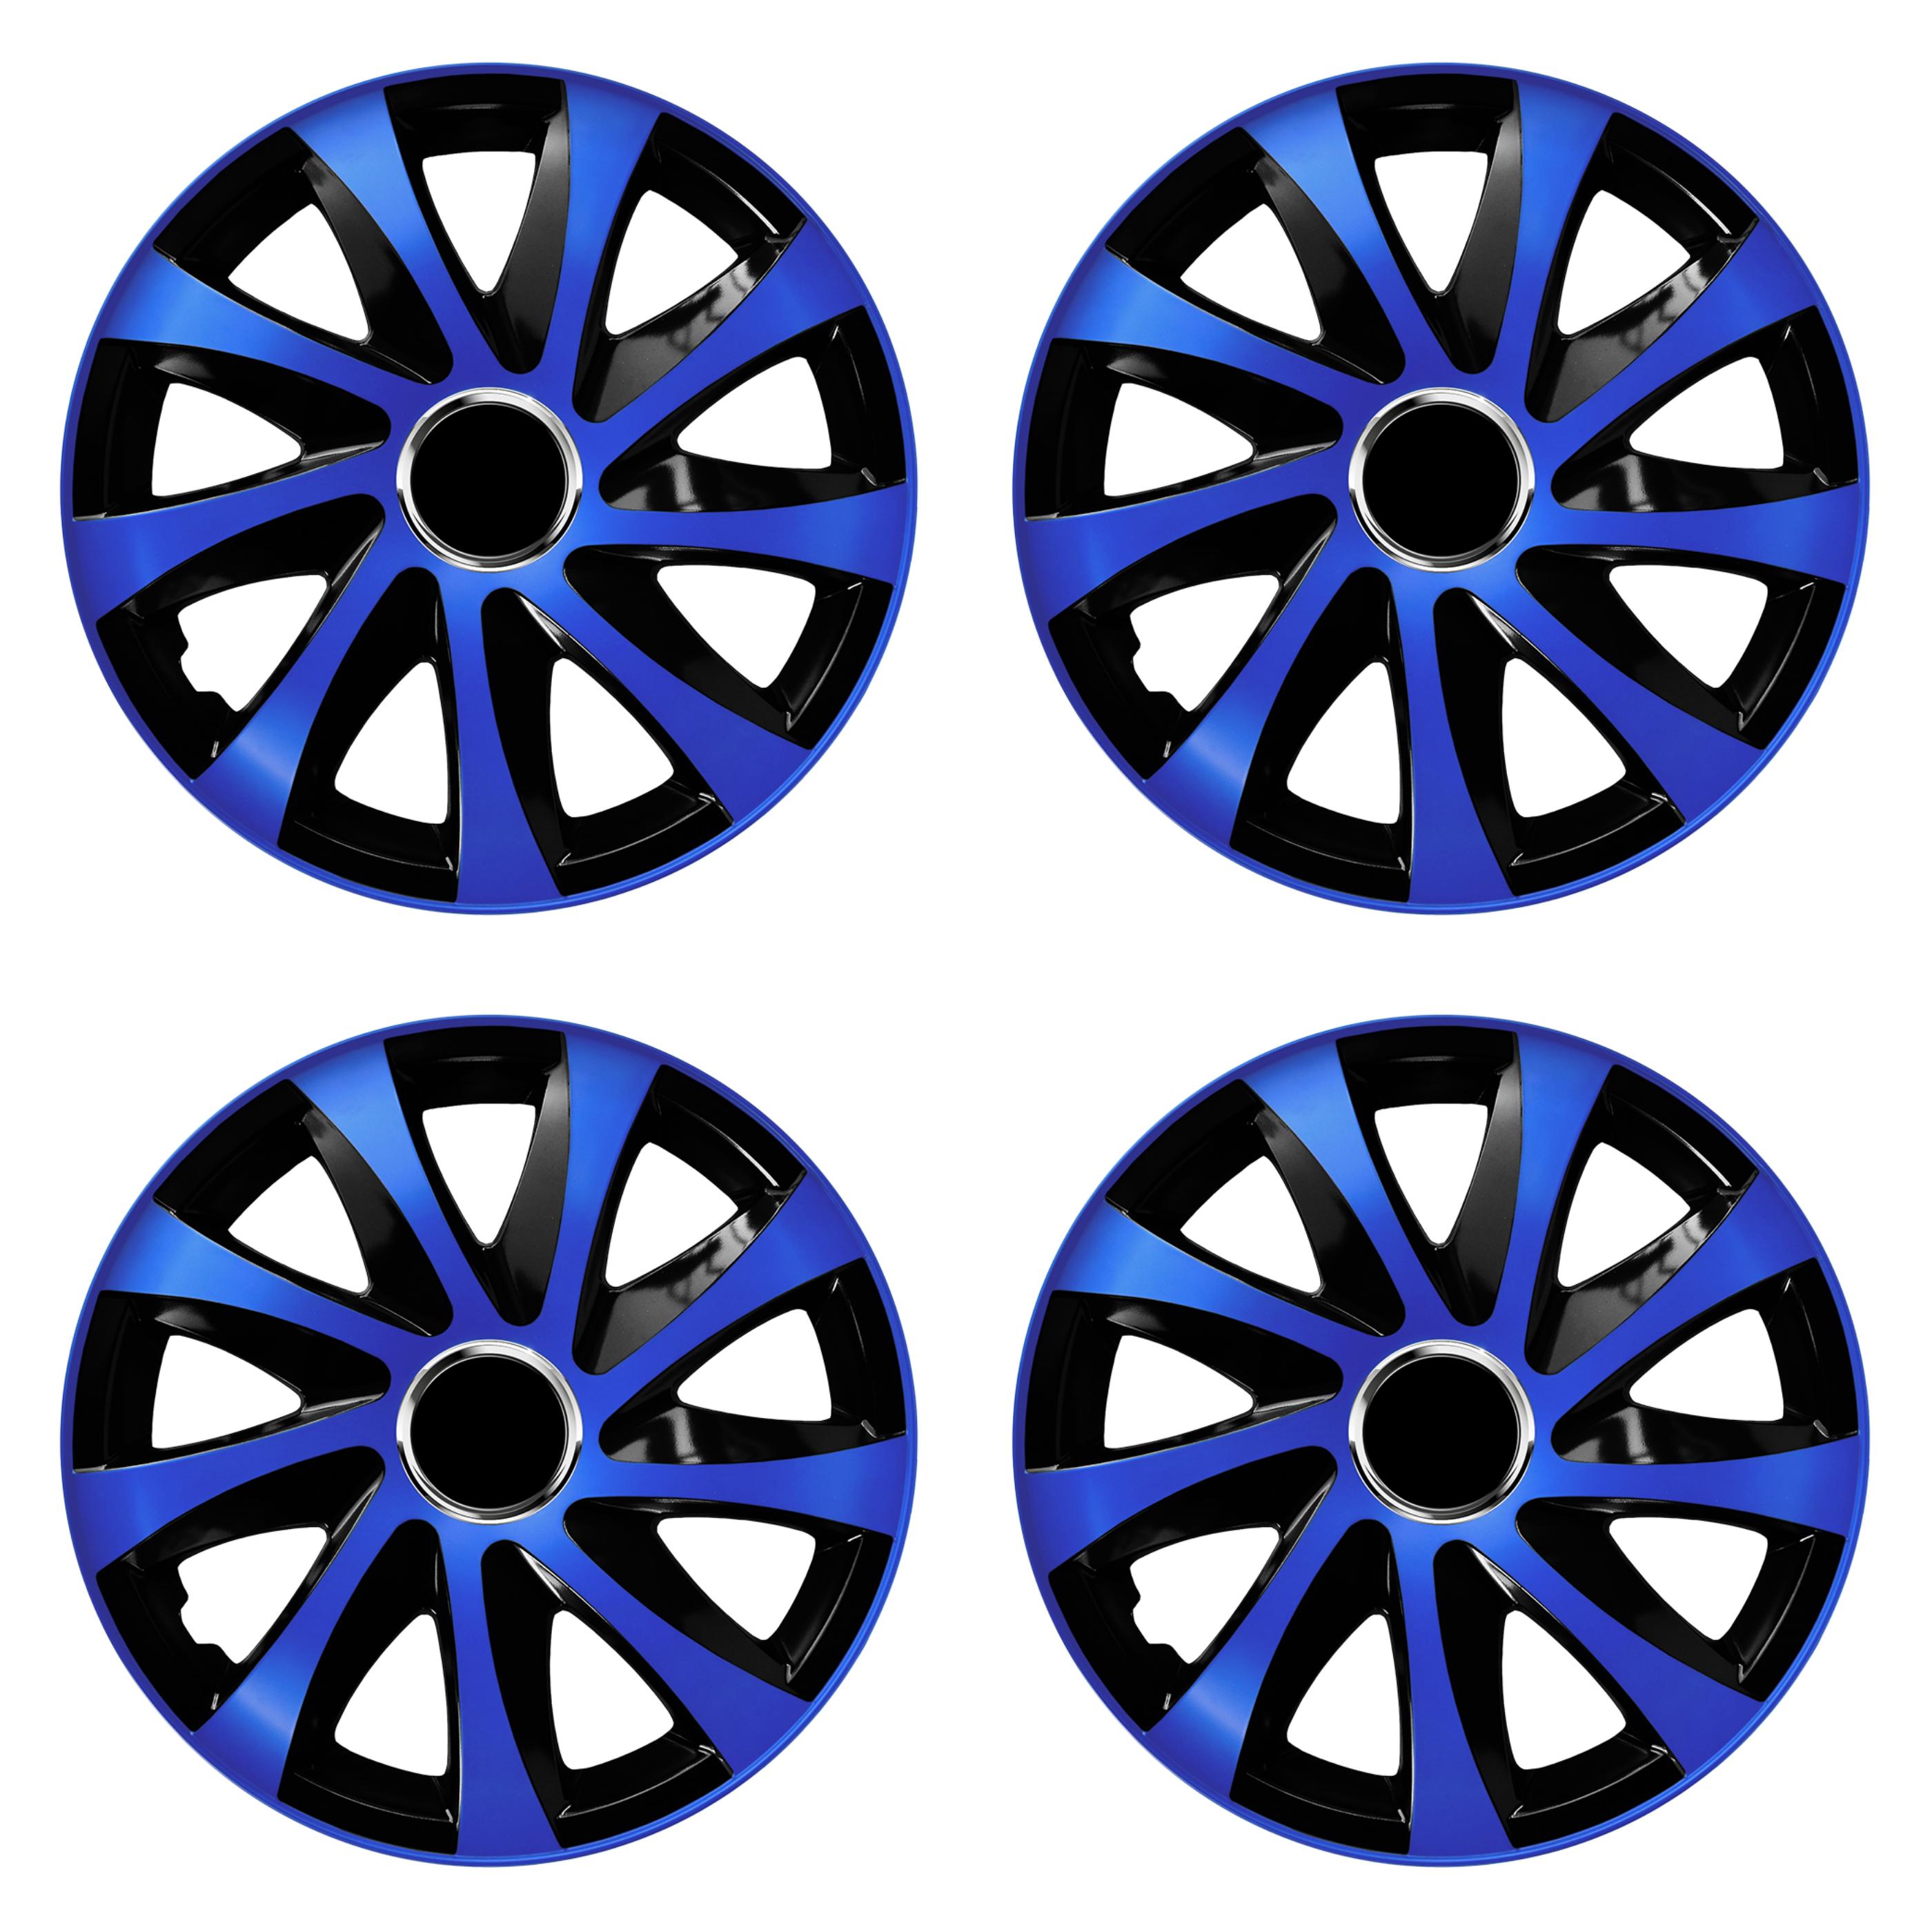 Radkappen Drift Extra blau schwarz Radzierblenden